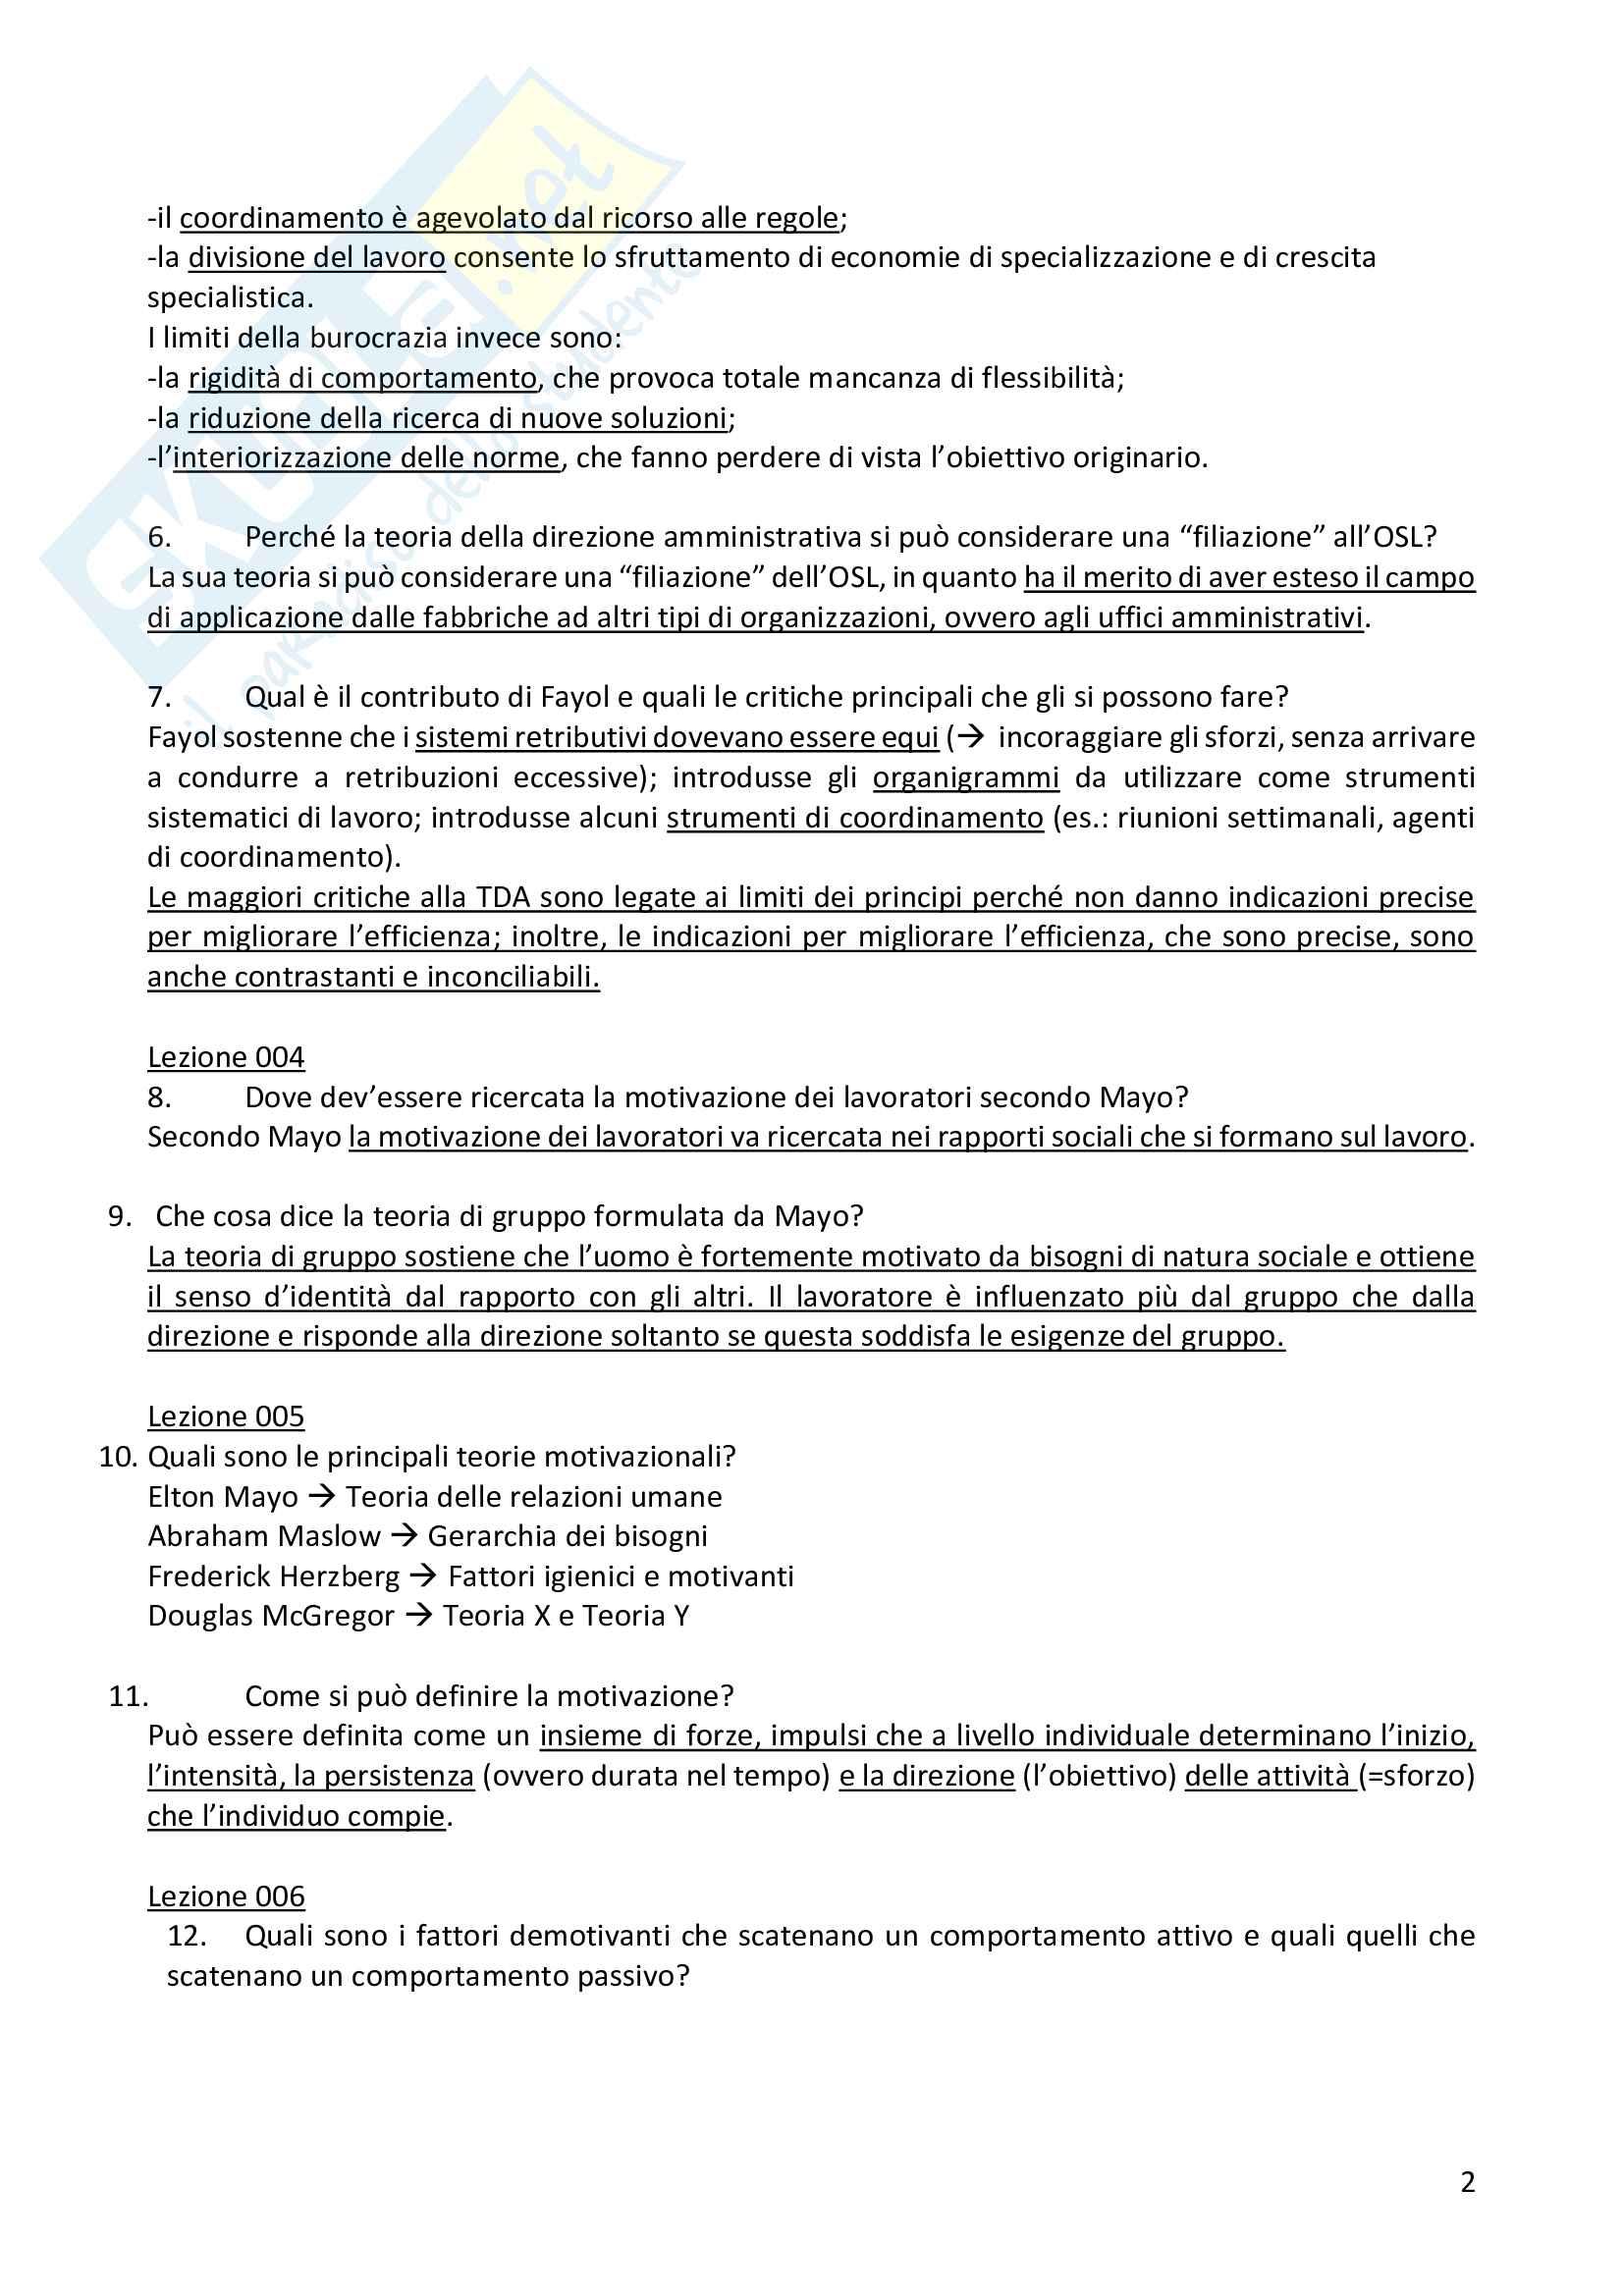 """Risposte alle domande aperte dell'esame """"Organizzazione e gestione del personale nelle Pubbliche Amministrazioni"""" Pag. 2"""